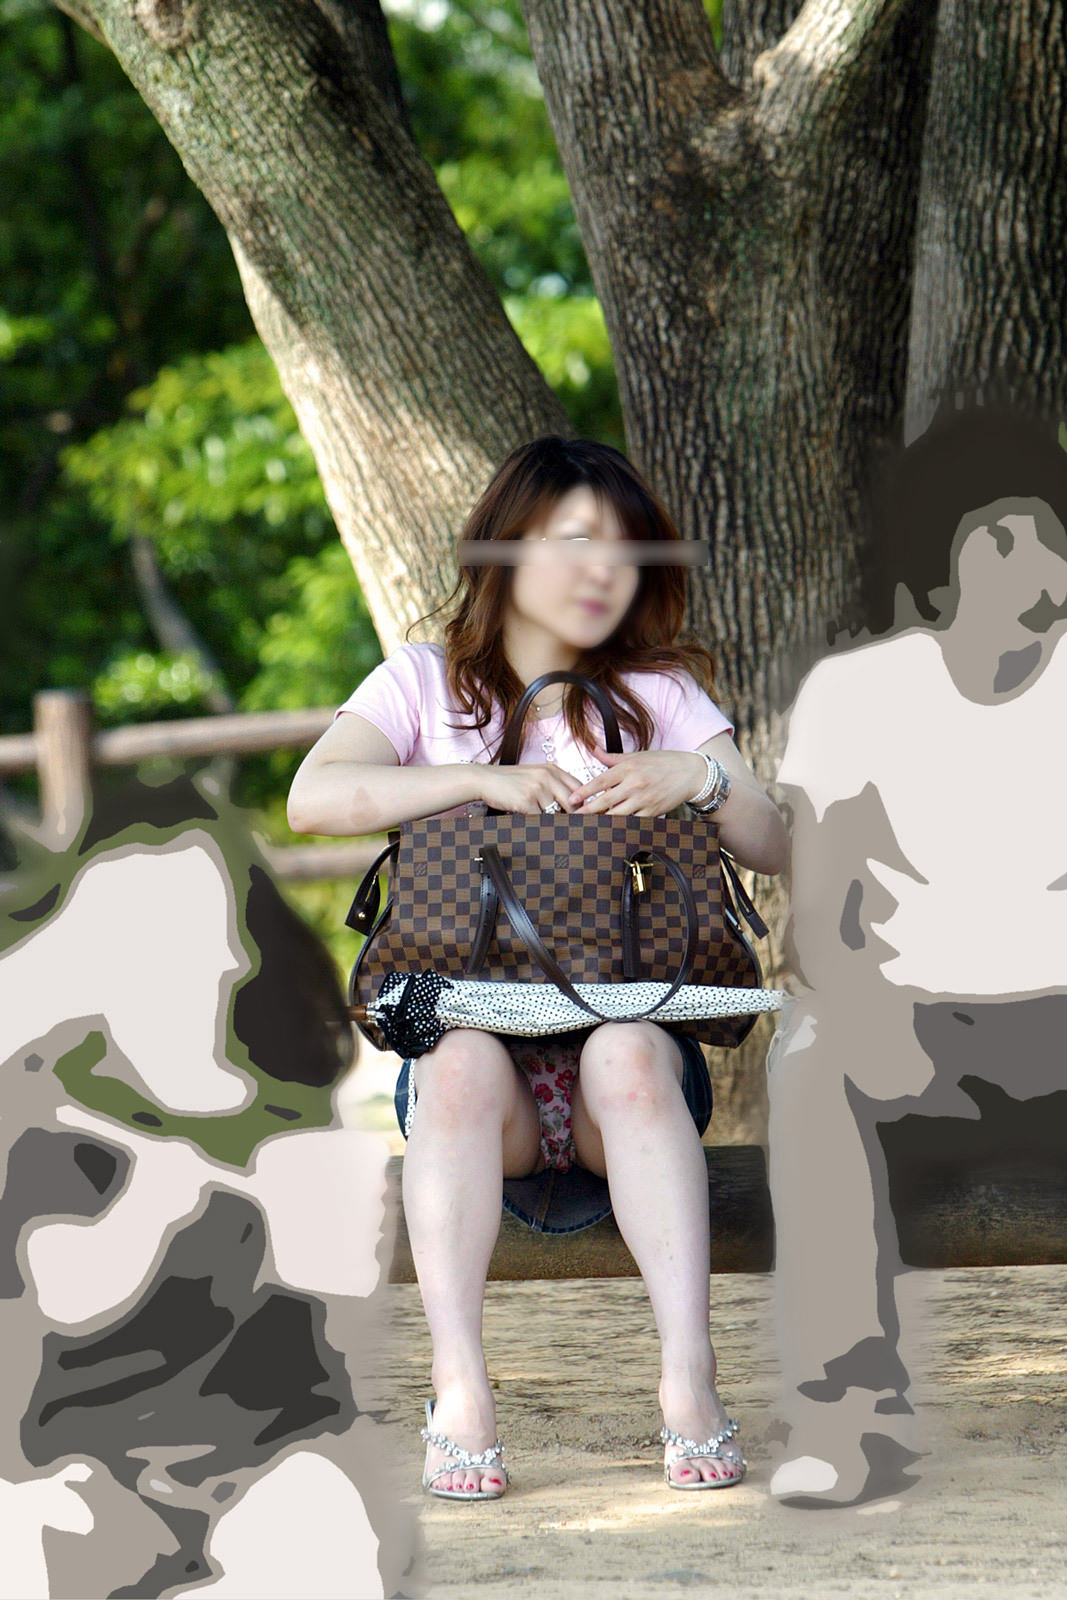 座り込んでる素人娘のしゃがみパンチラエロすぎじゃね!?オマンコの盛り上がり具合が最高www 1749